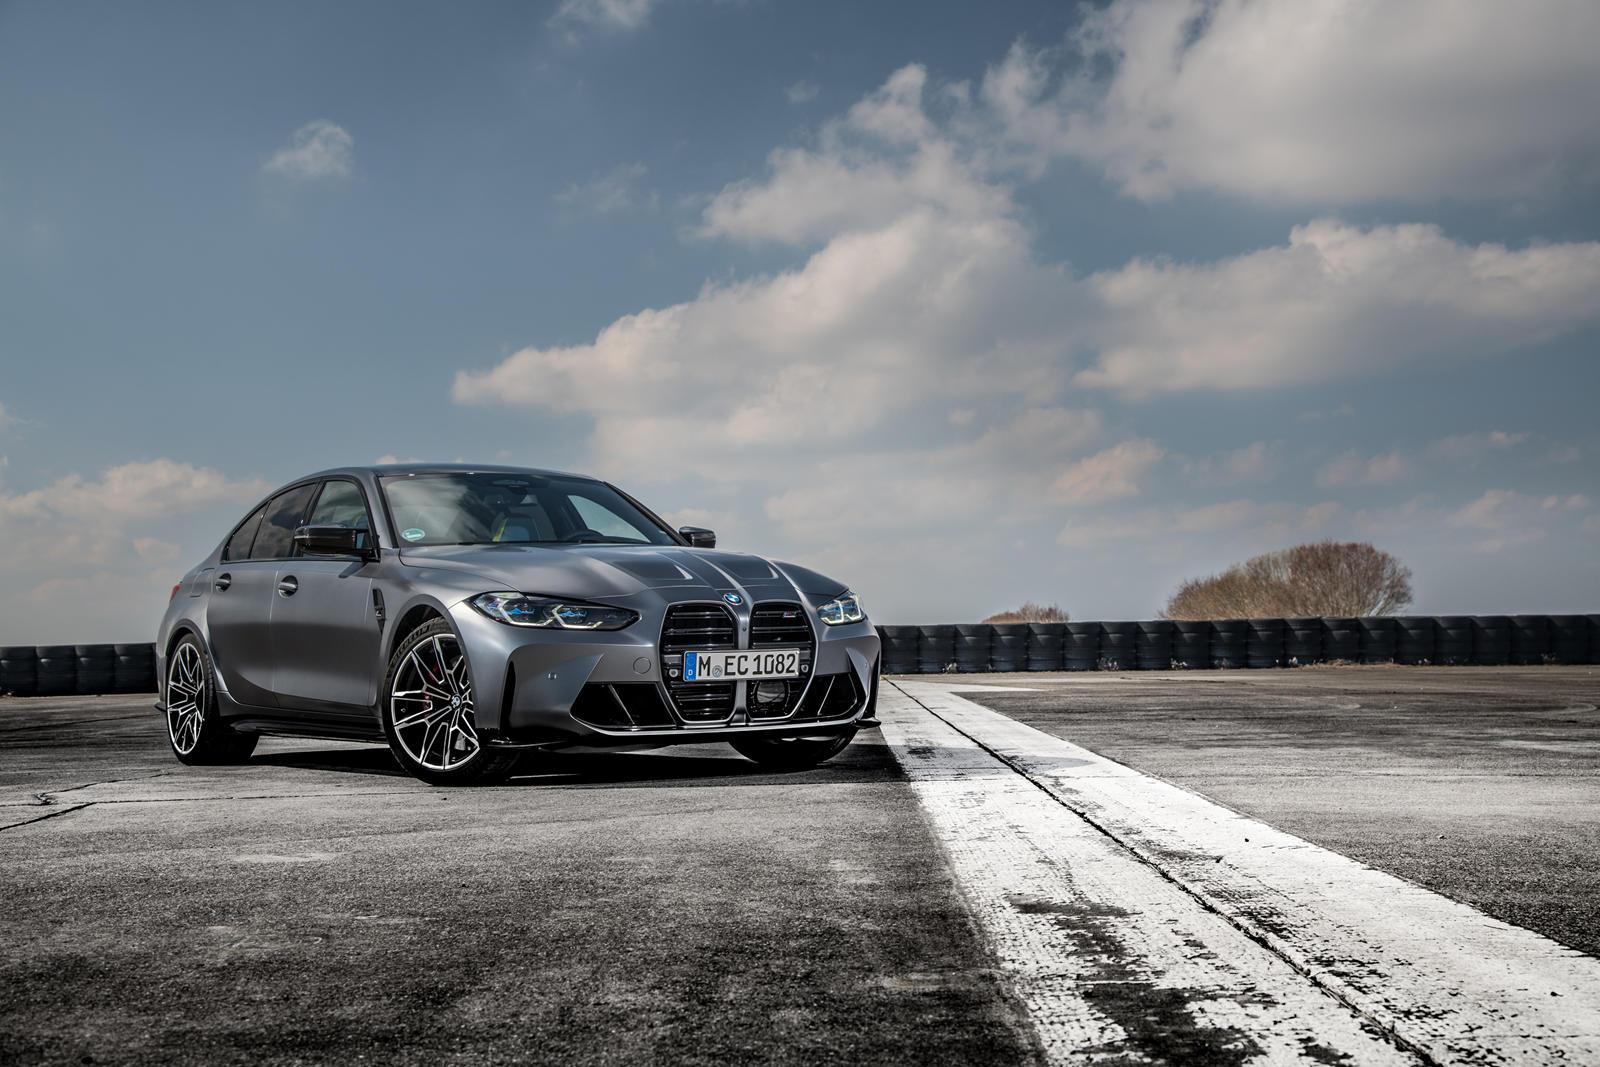 2022 BMW M3 и M4 вышли в сентябре. Хотя большинство людей говорили только об огромной носовой части, некоторые были немного удивлены, что компания не предложила полный привод с самого начала. Несмотря на то, что мы любим олдскульный задний привод, мы